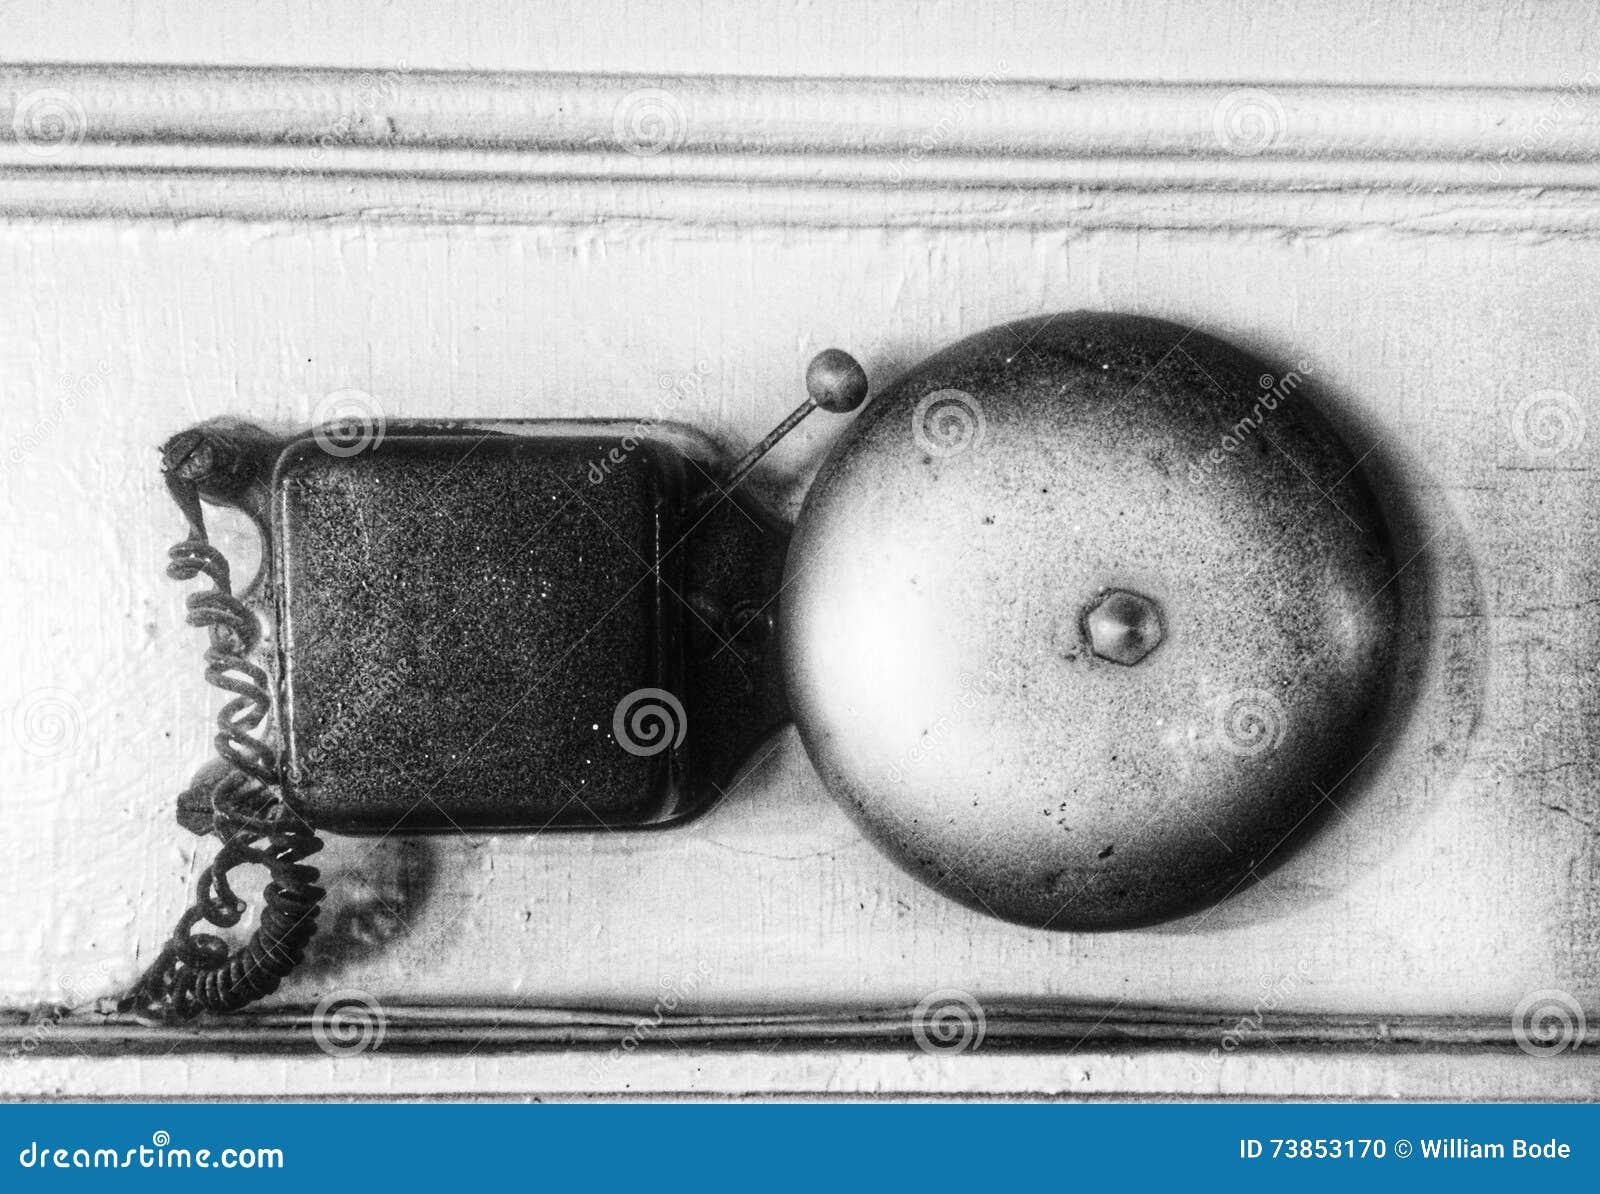 weinlese elektrische klingel stockfoto bild von geschn rt elektronisch 73853170